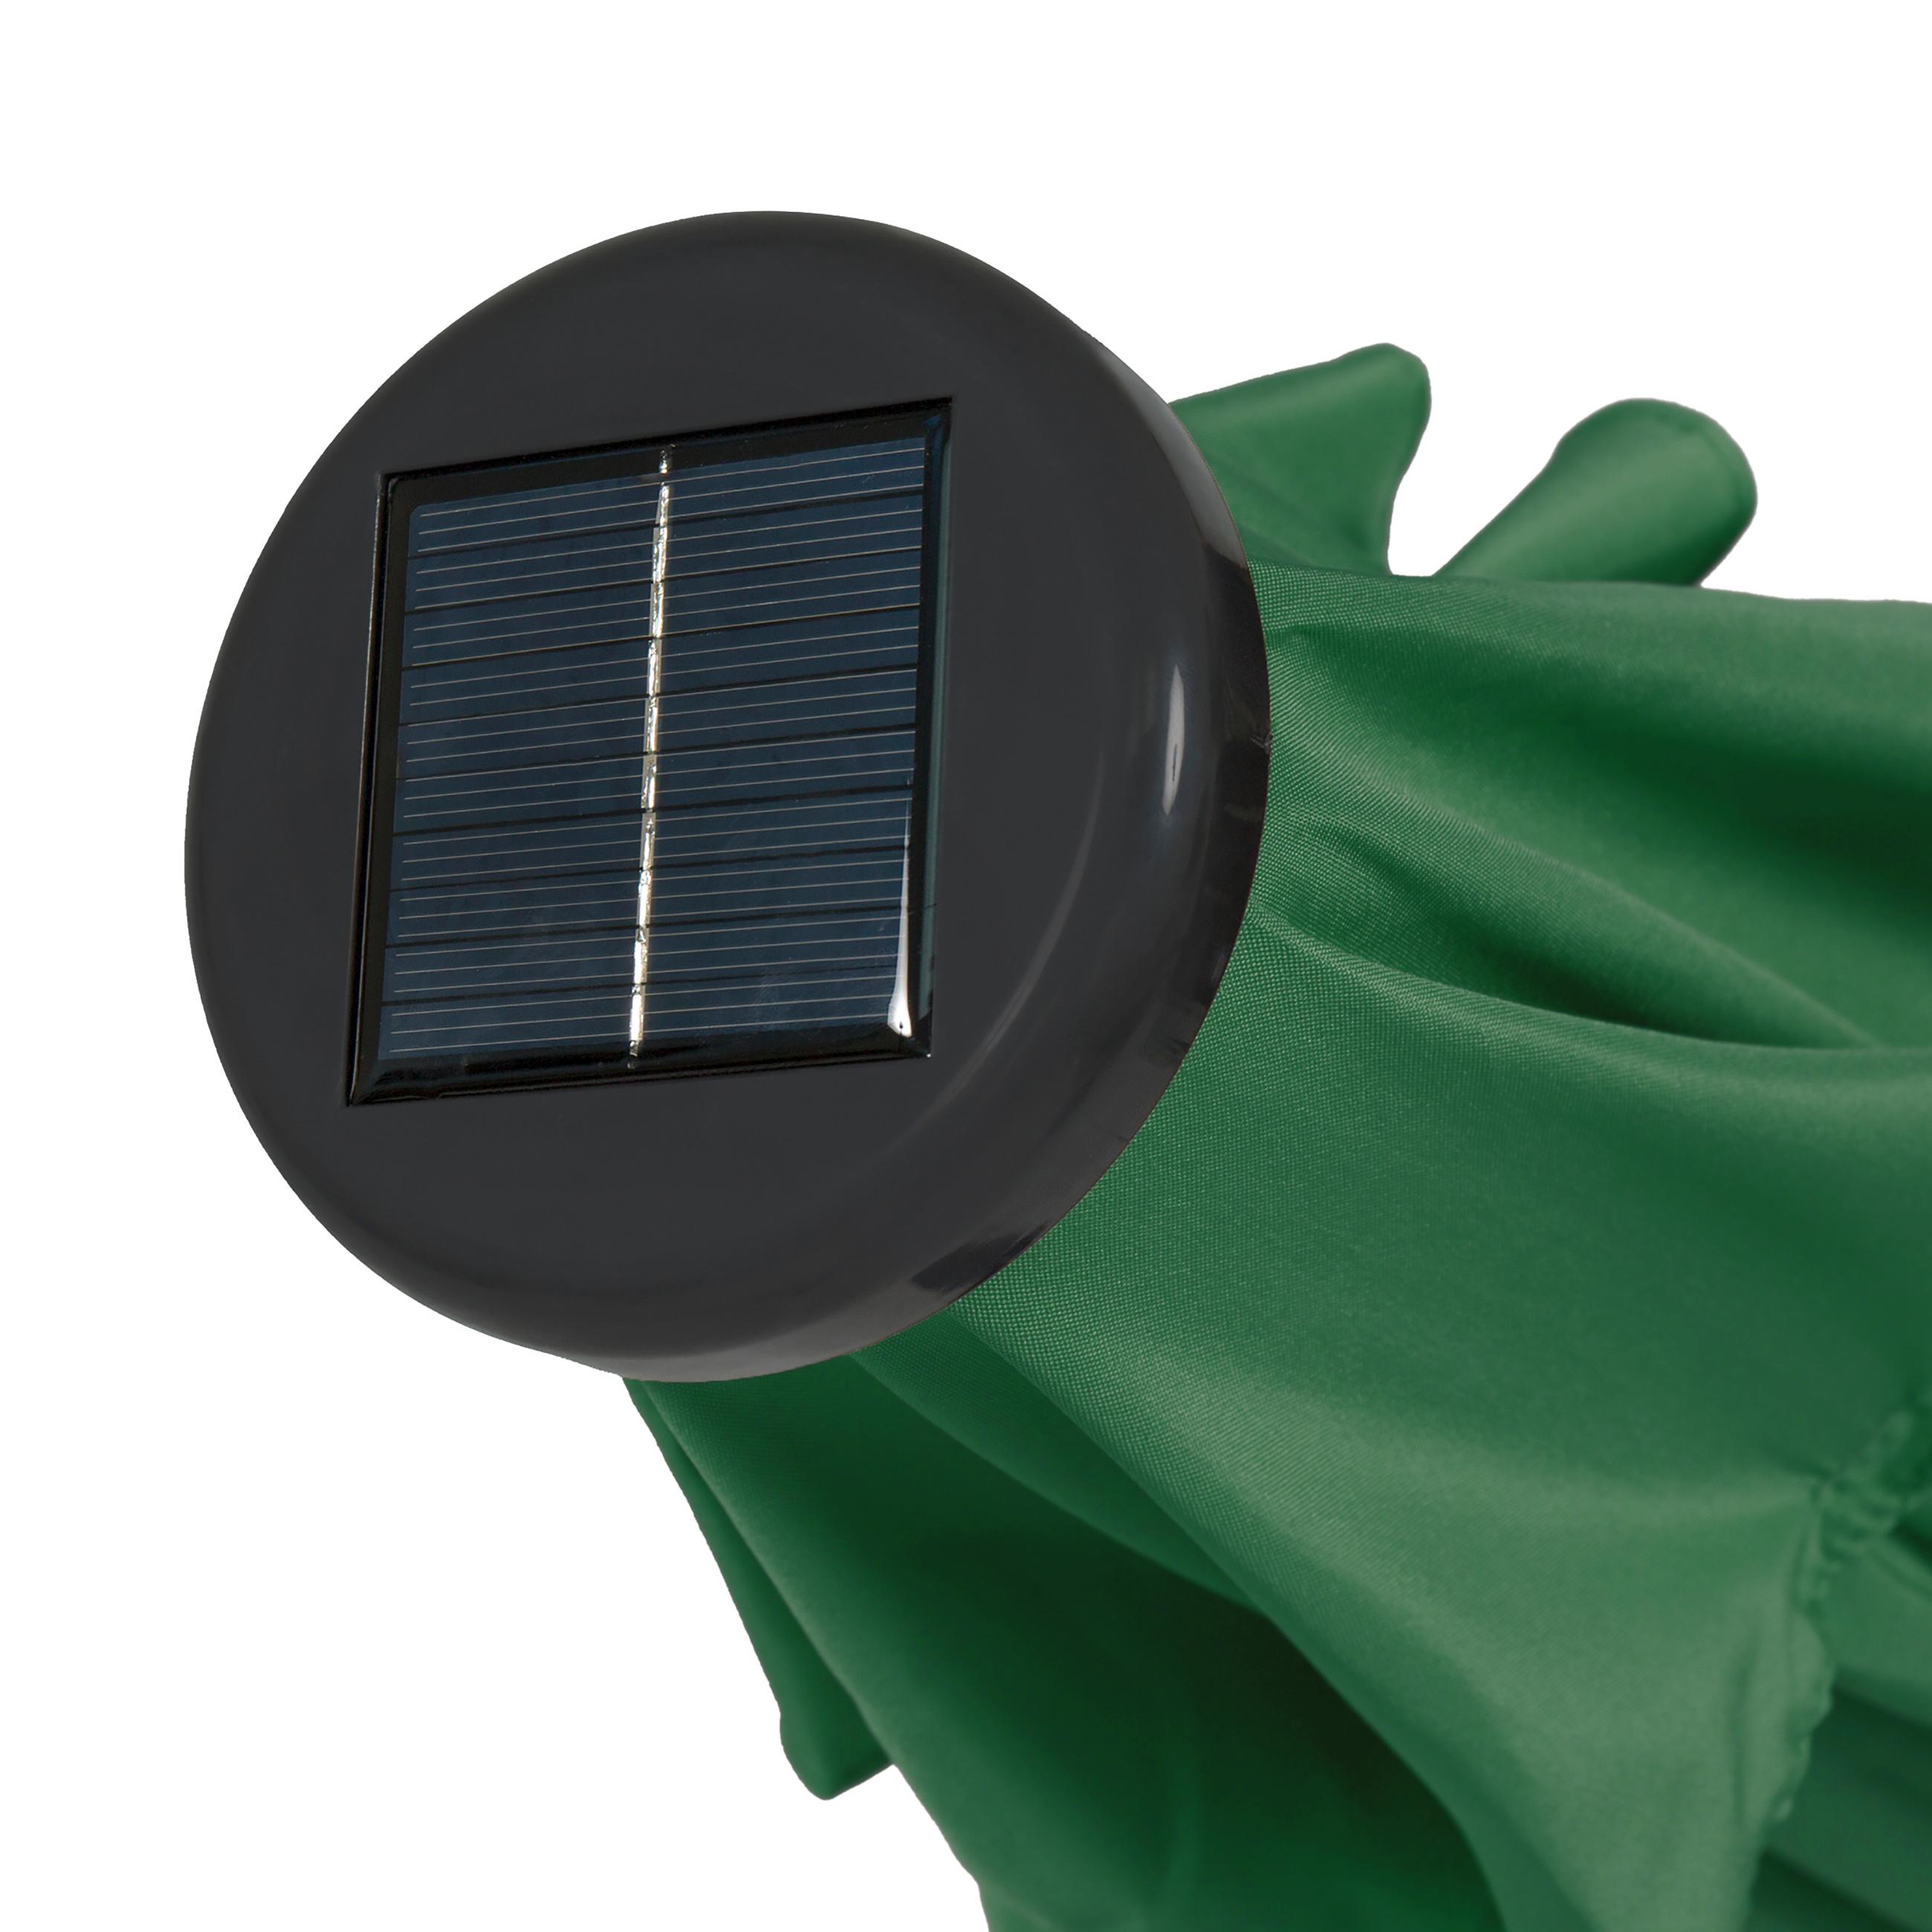 Portable Power Bank BCP 10ft Solar Patio Umbrella w// USB Charger